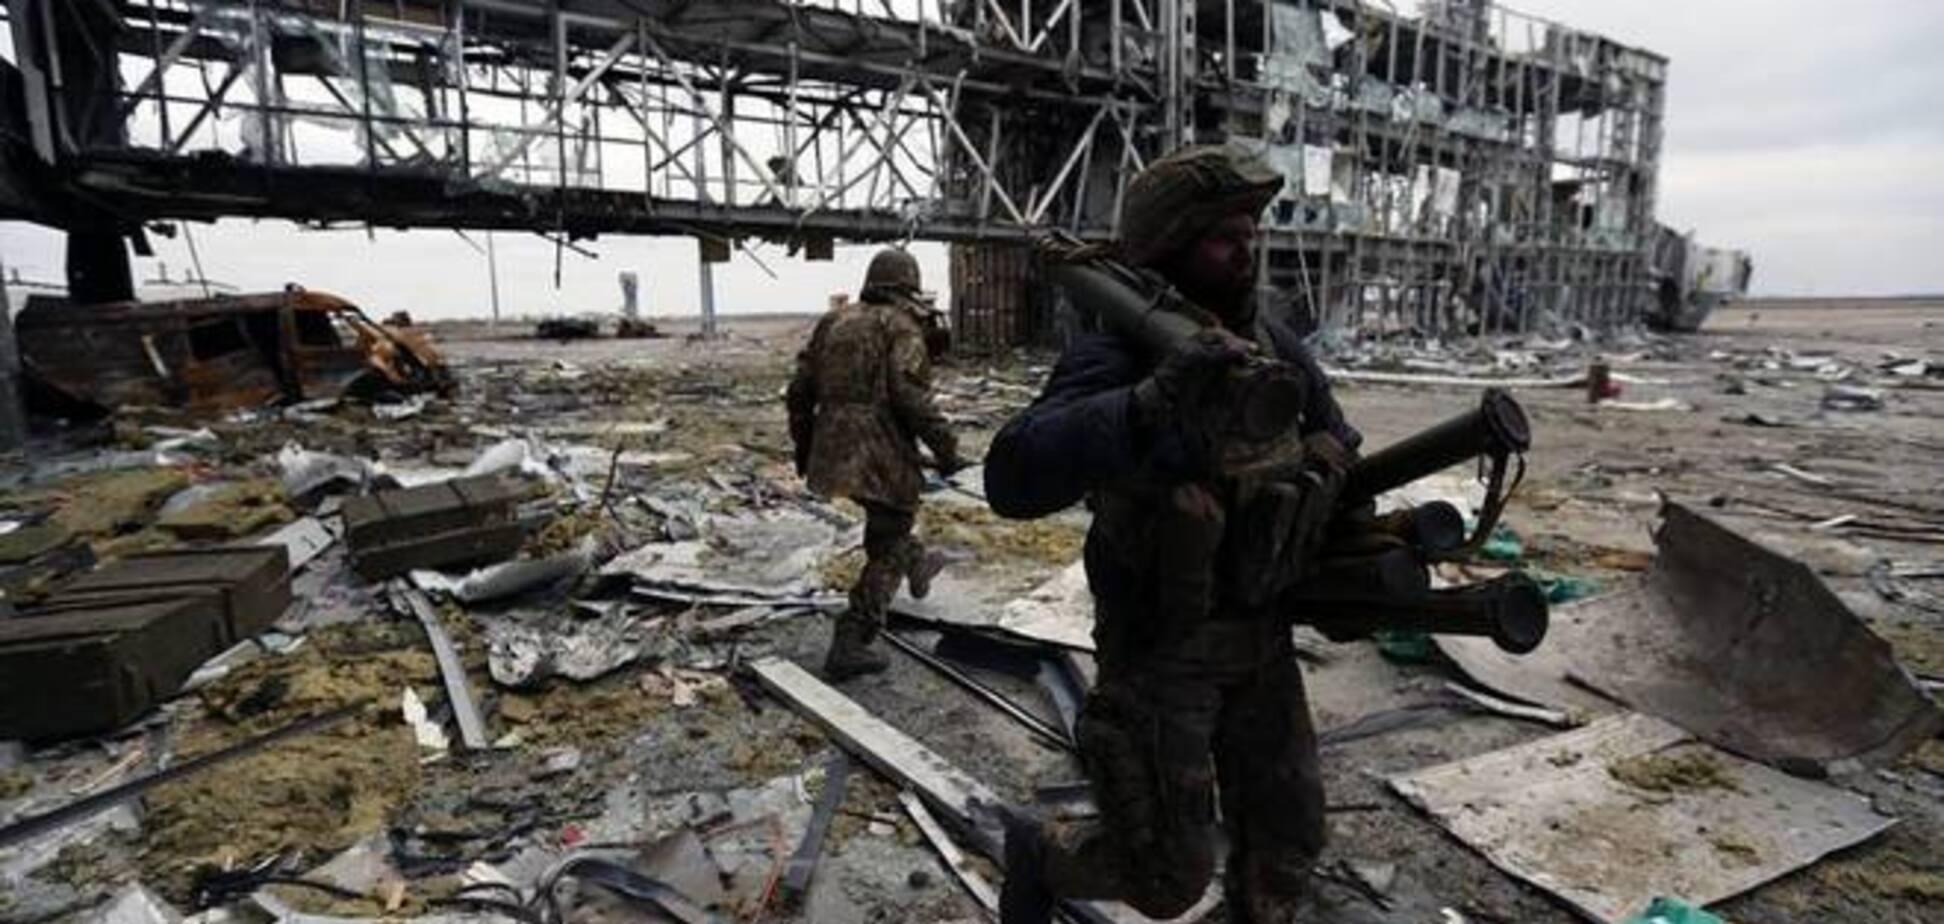 Военный эксперт объяснил, зачем российский спецназ прибыл в Донецк